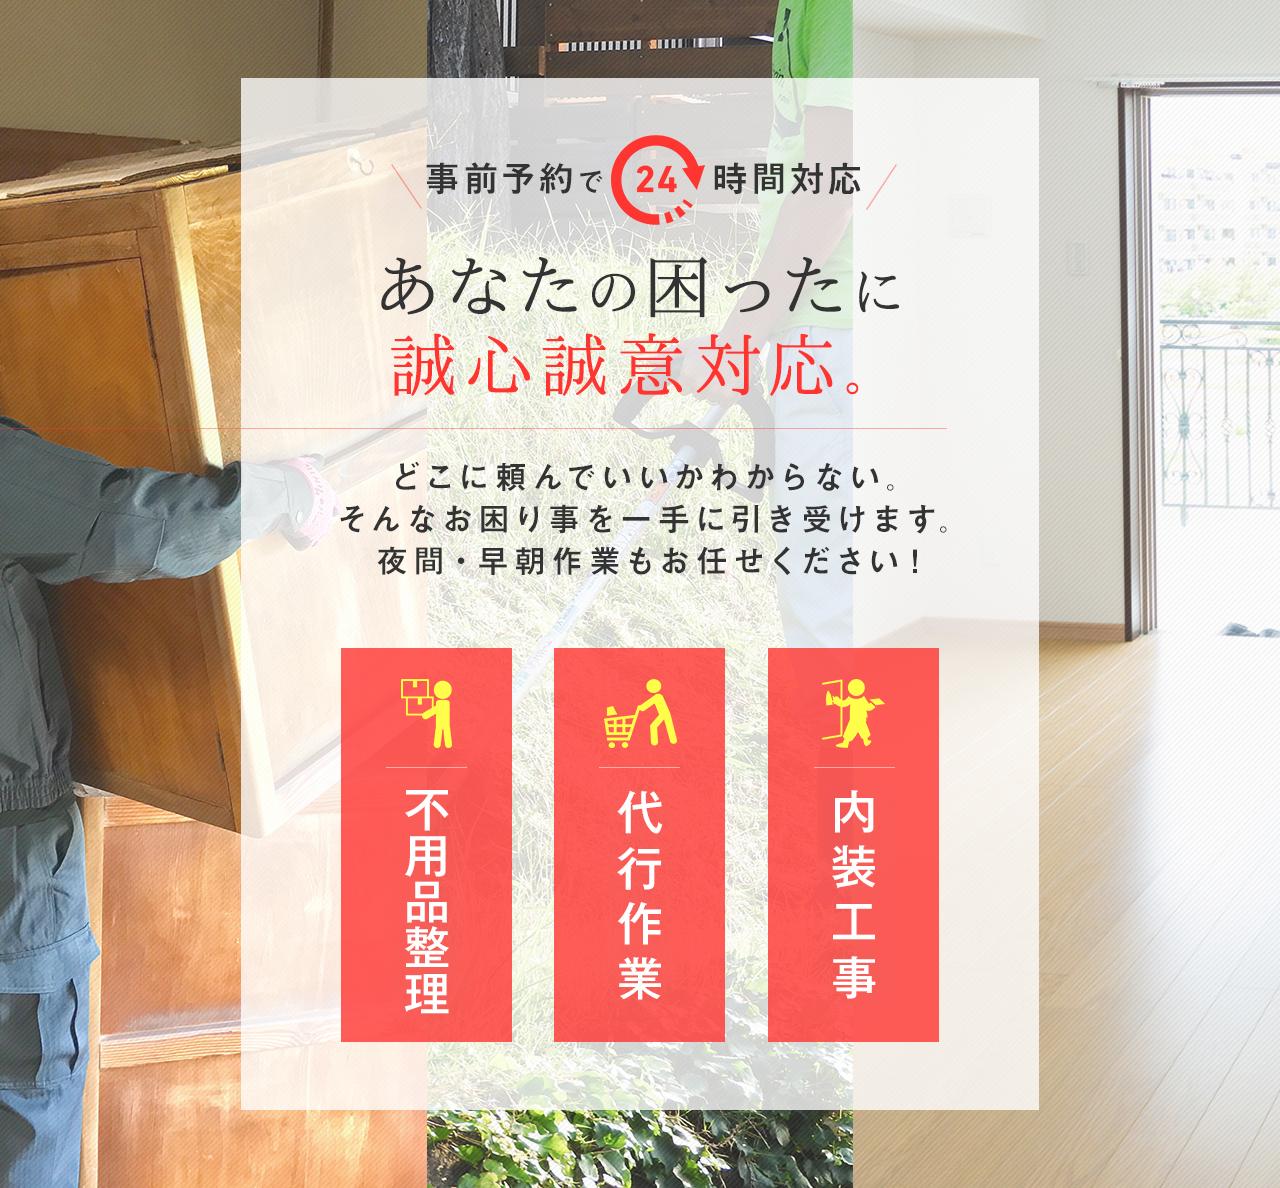 江別市で不用品の処分、ゴミ屋敷清掃、遺品整理、クロス張替えなら便利屋ラビット